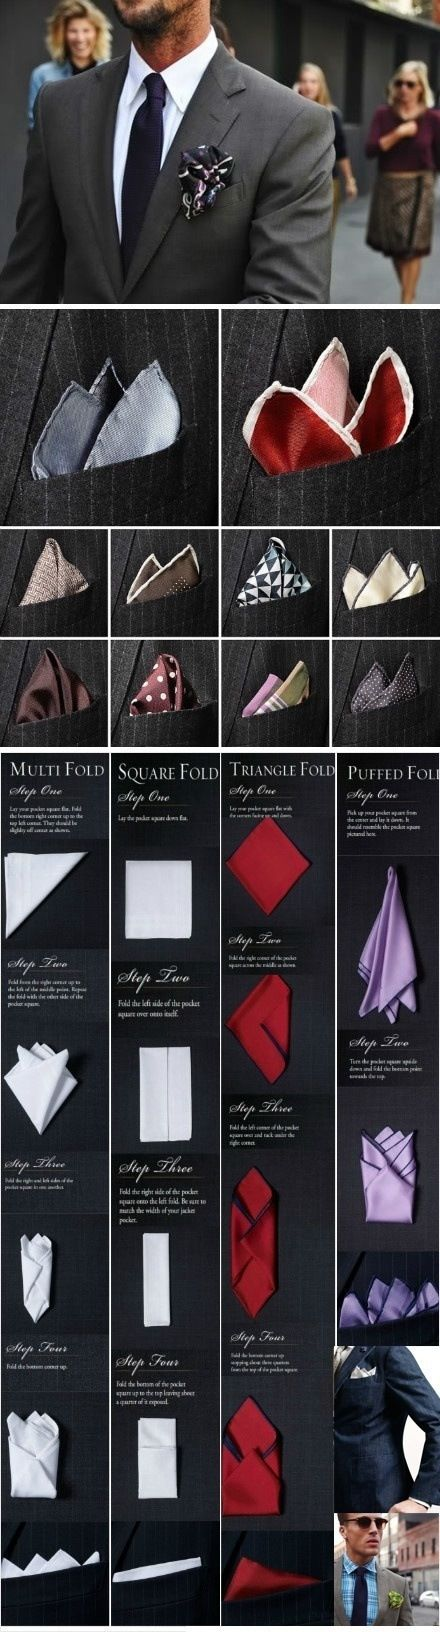 Un agradable pañuelo destaca a un terno